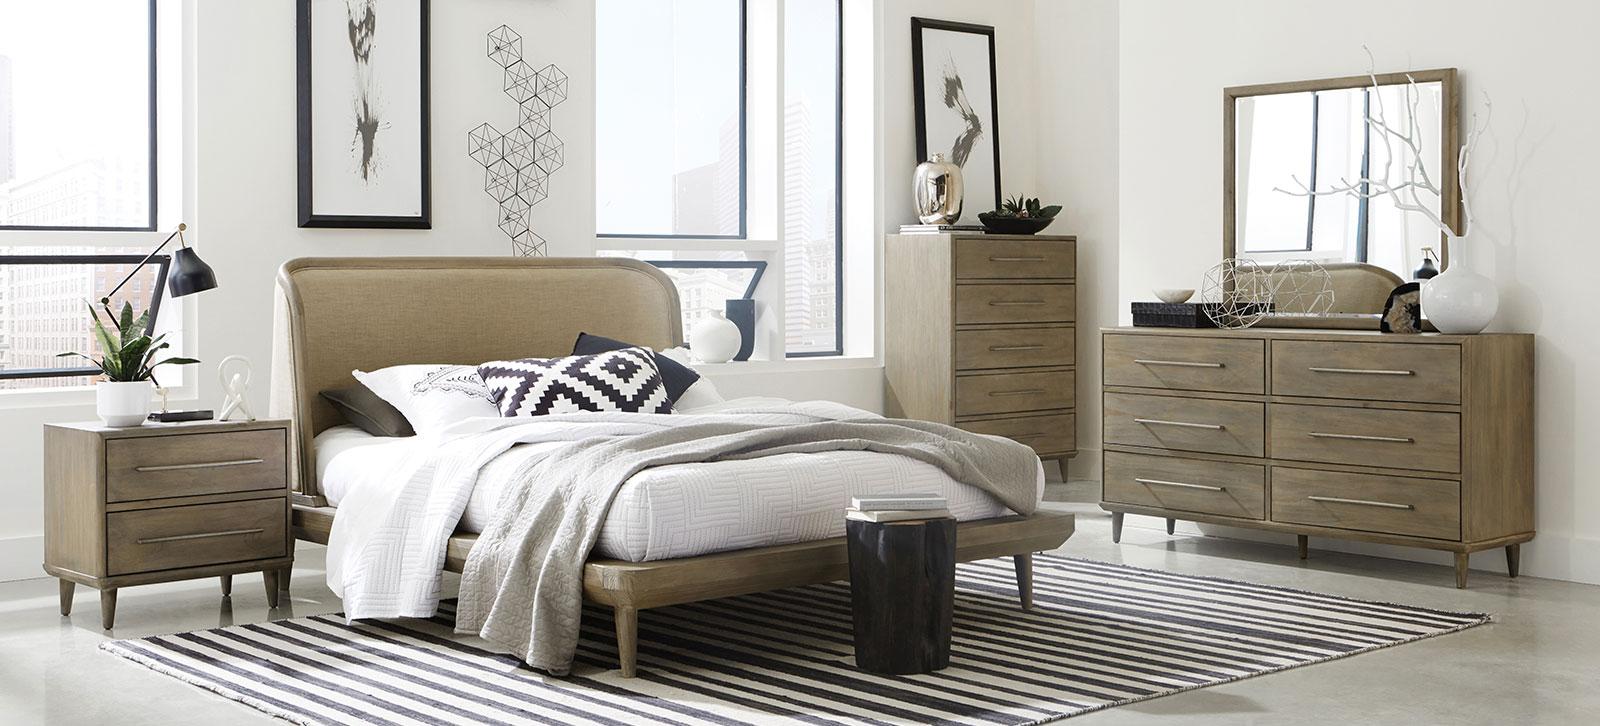 Spindle bedroom set